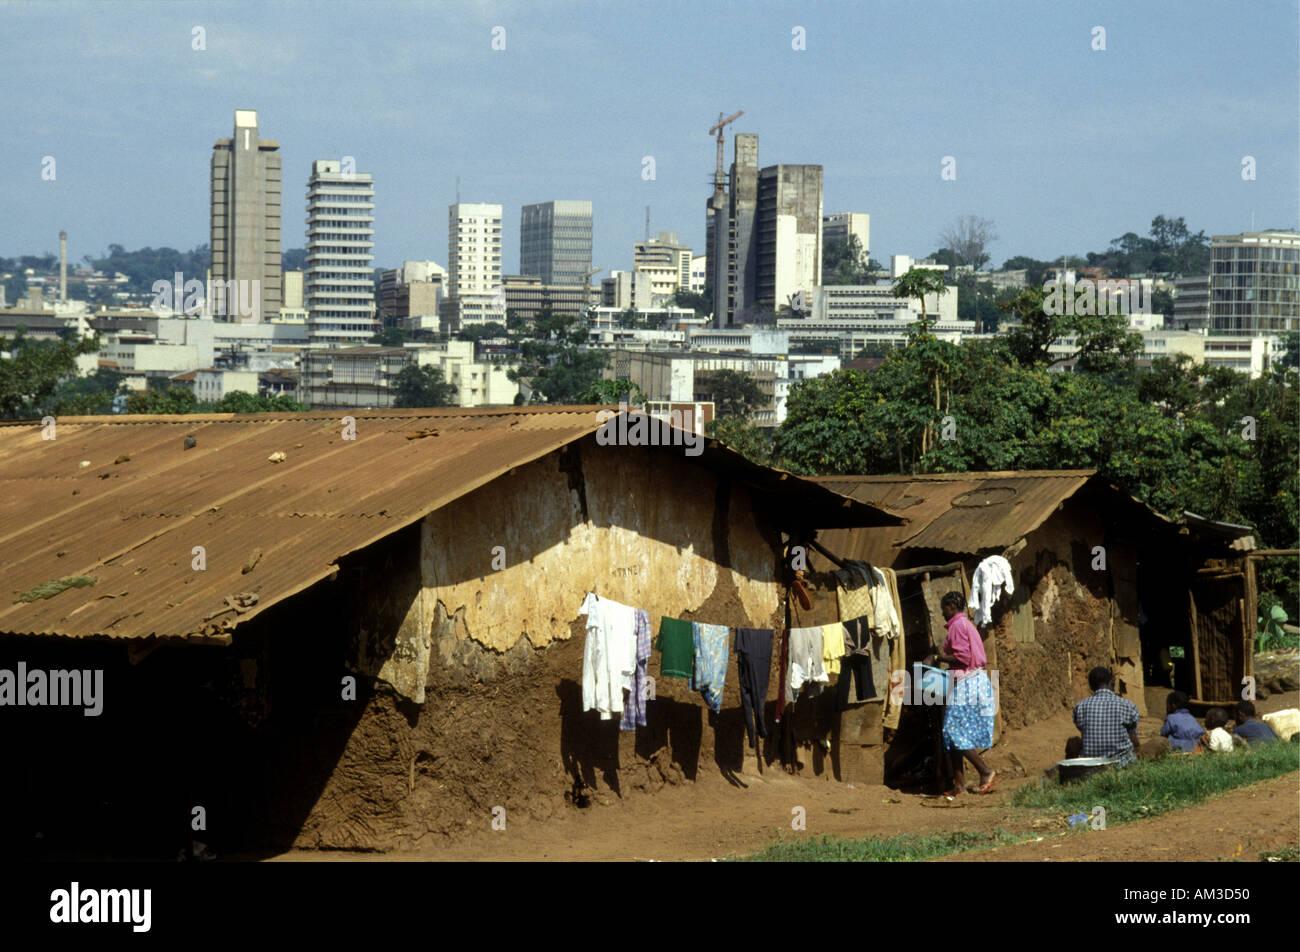 Shanty Town Häuser in Sichtweite des modernen Hochhäuser in zentralen Kampala Kapital Stadt von Uganda Ostafrika Stockbild